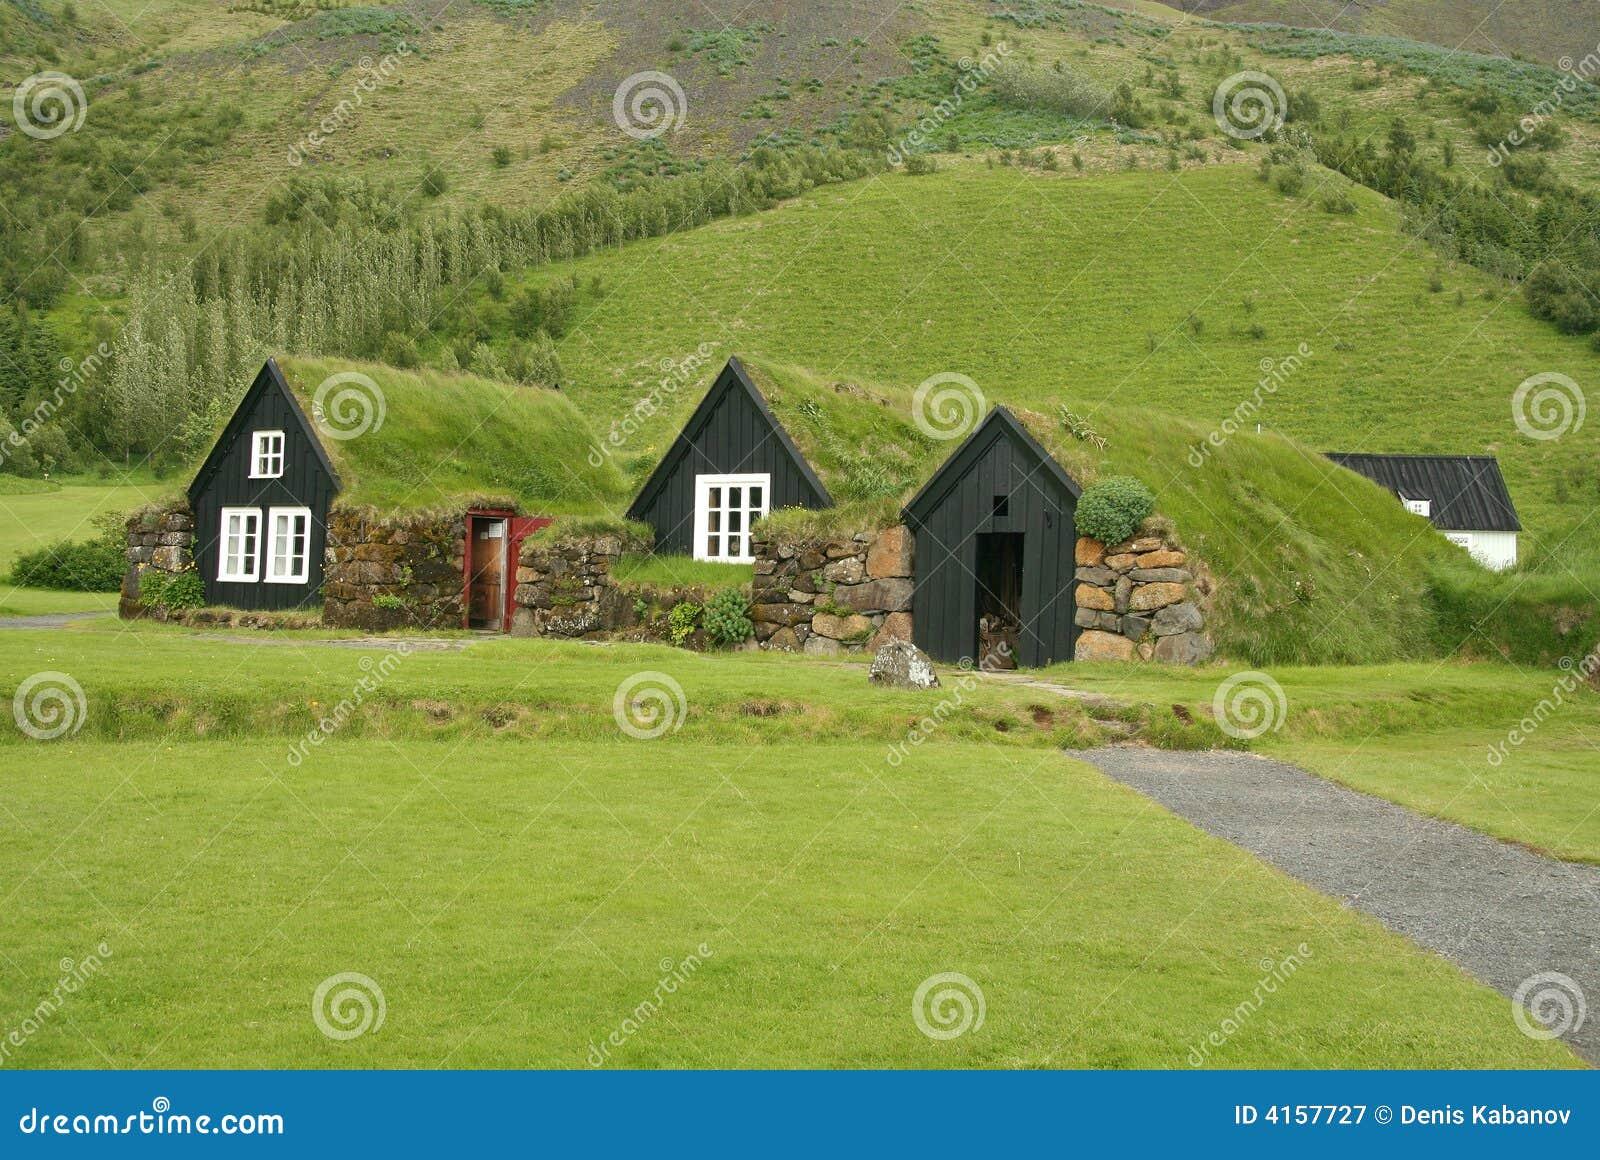 Casas de islandia de la tradici n imagen de archivo imagen de rural verde 4157727 - Casas en islandia ...